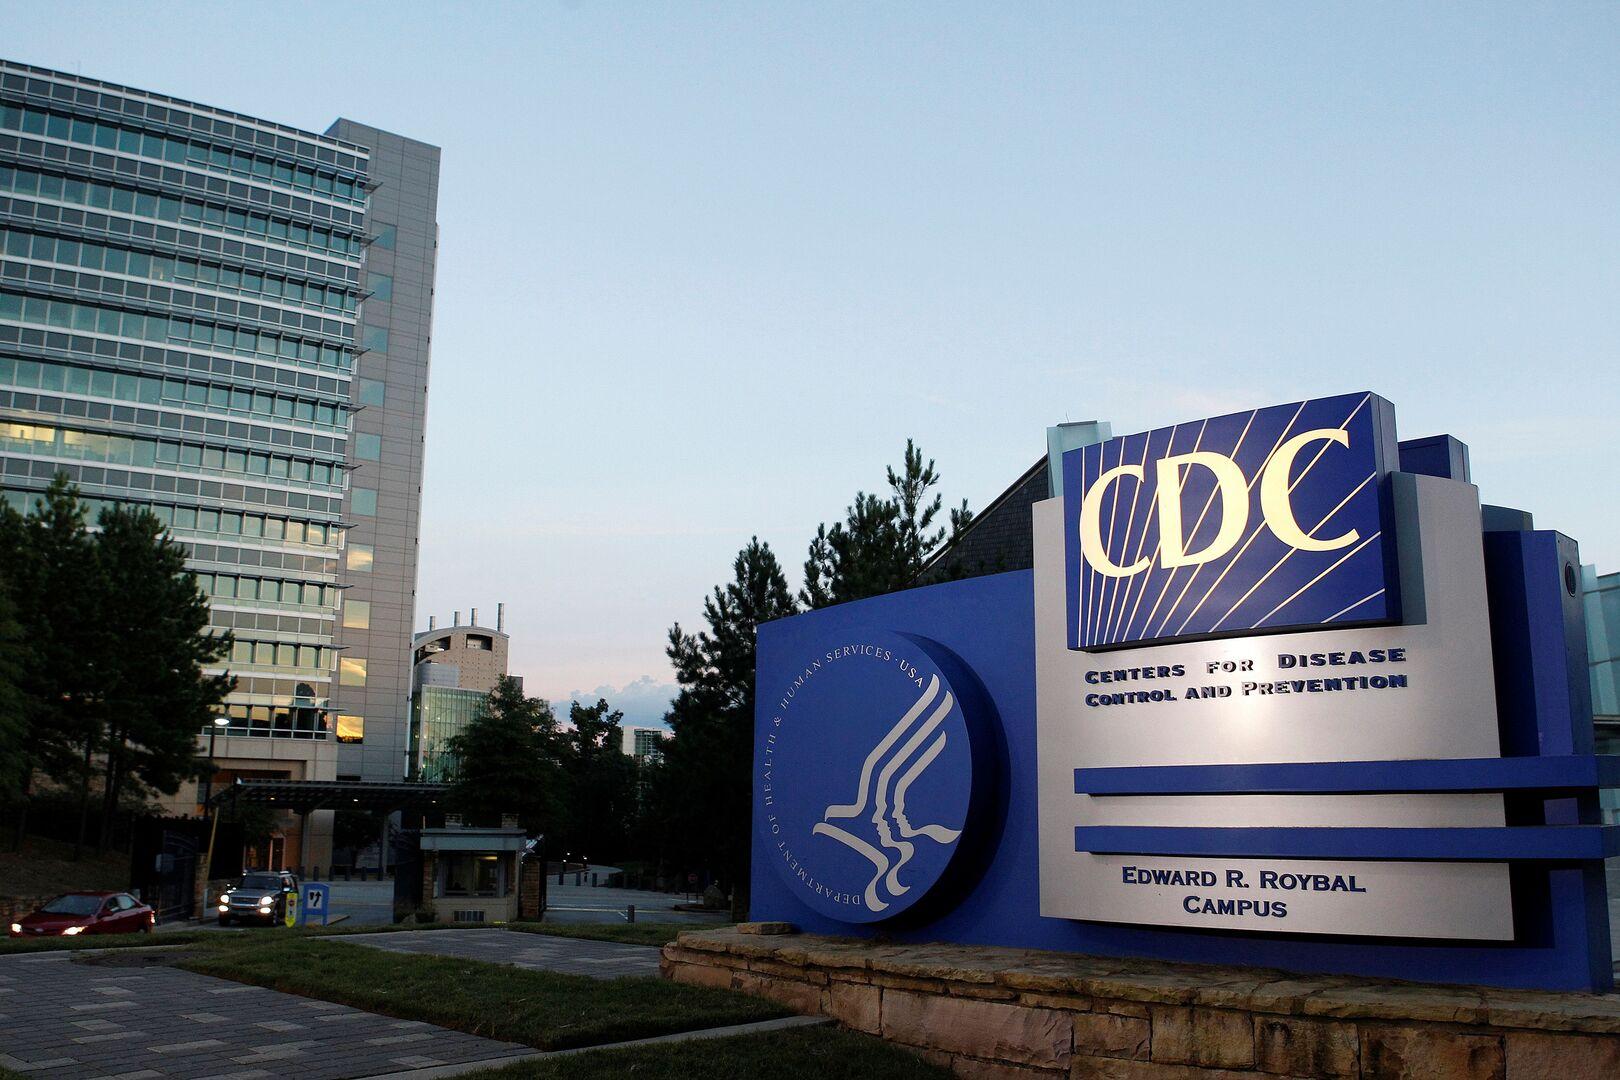 المراكز الأمريكية لمكافحة الأمراض: الأمريكيون حصلوا على 270.8 مليون جرعة من لقاحات كورونا